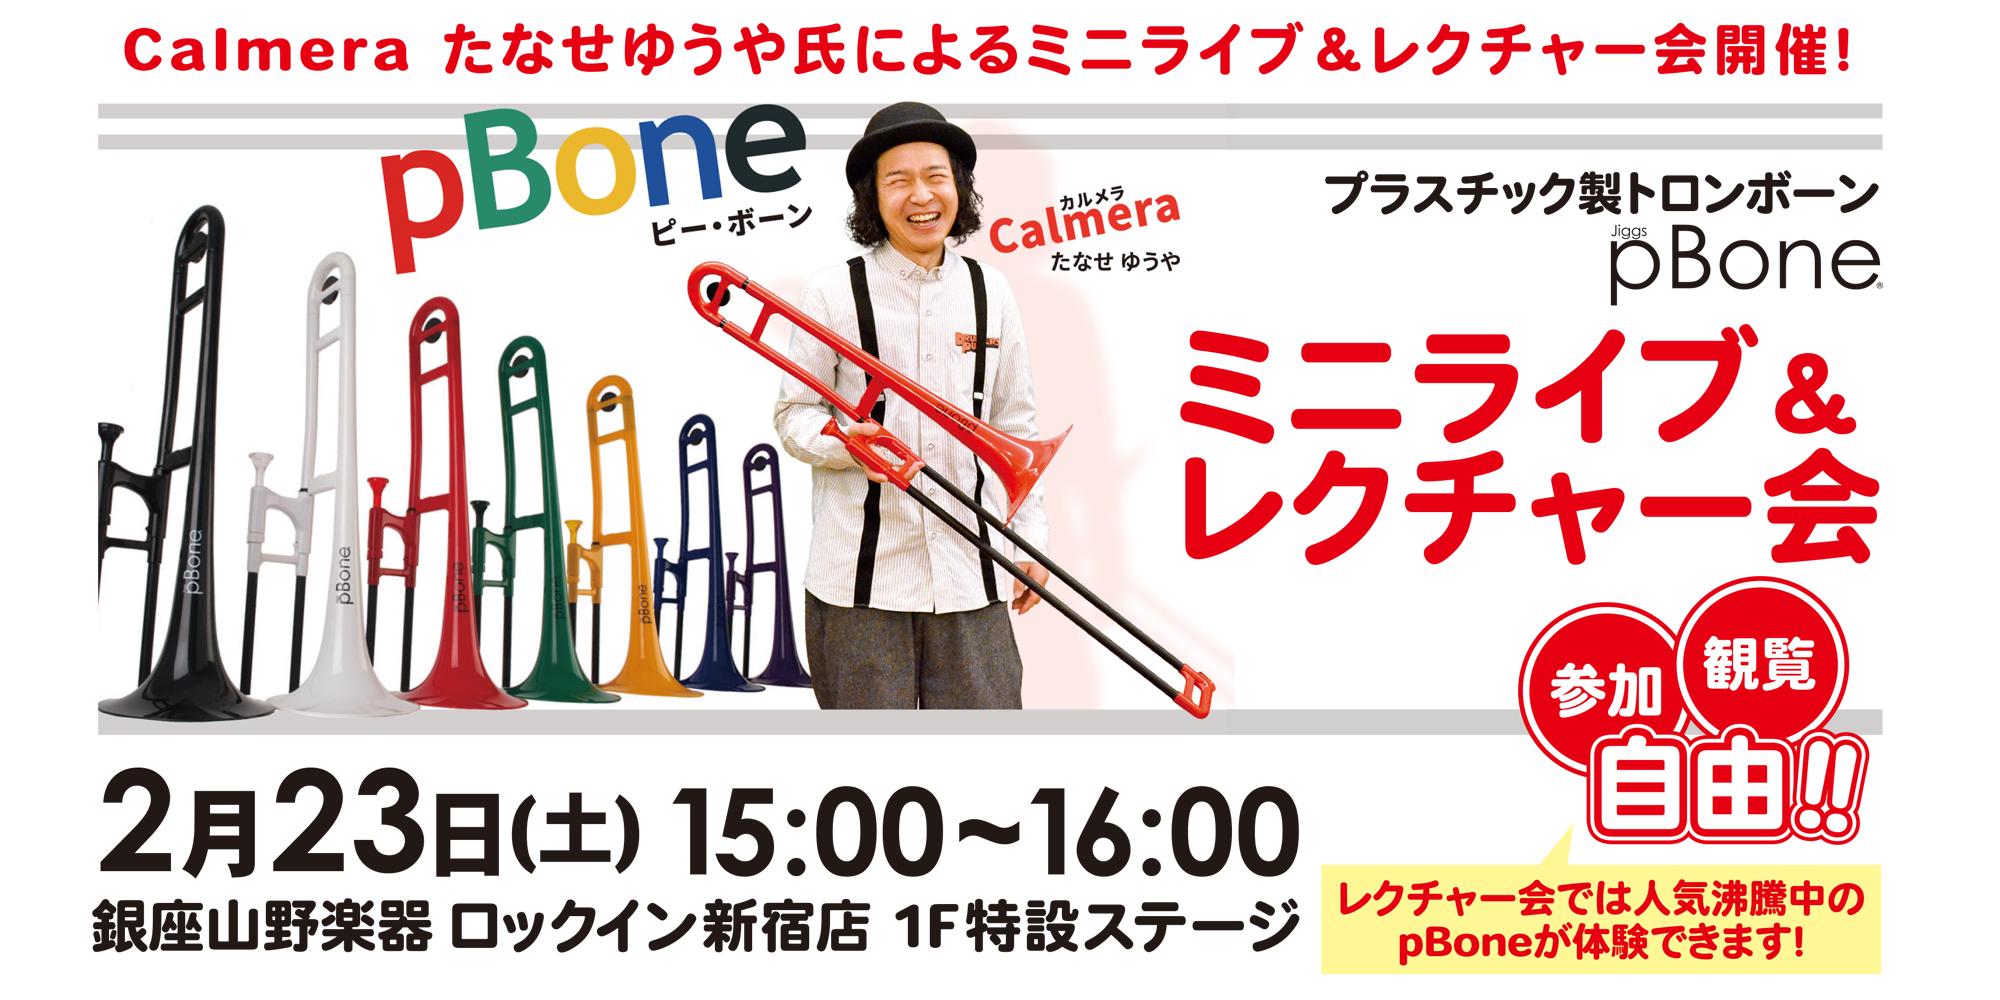 イベント情報『Calmera たなせゆうや氏による pBone ミニライブ&レクチャー会』【 2/23 】@山野楽器ロックイン新宿店 開催のお知らせ